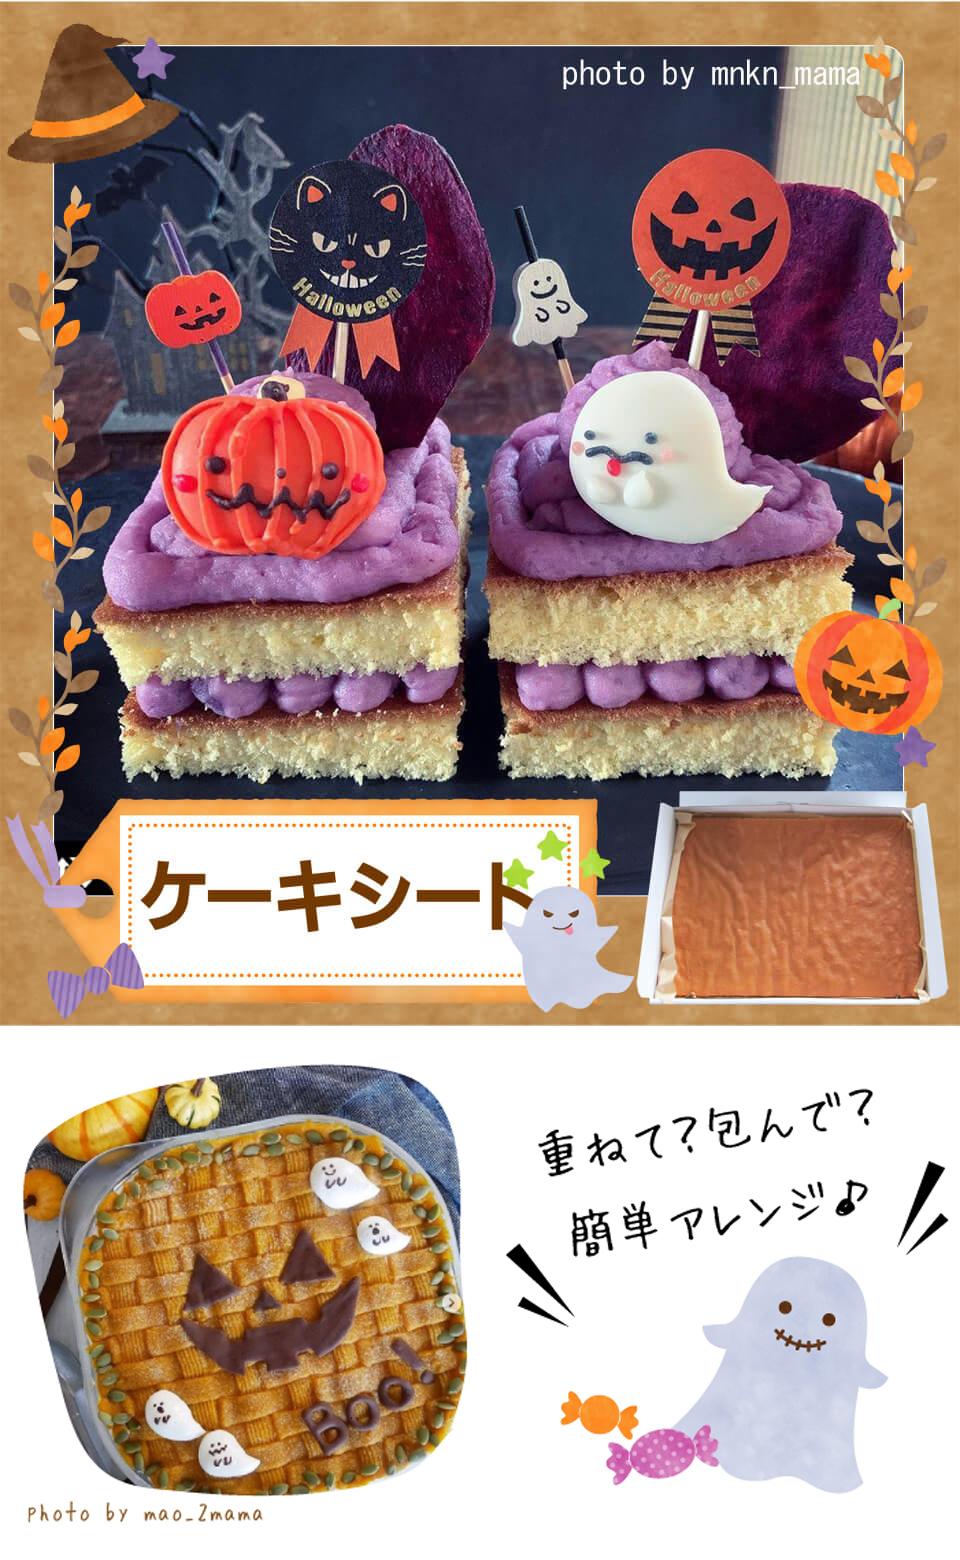 手作り ハロウィン おうち ハンドメイド ケーキ シート 製菓 材料